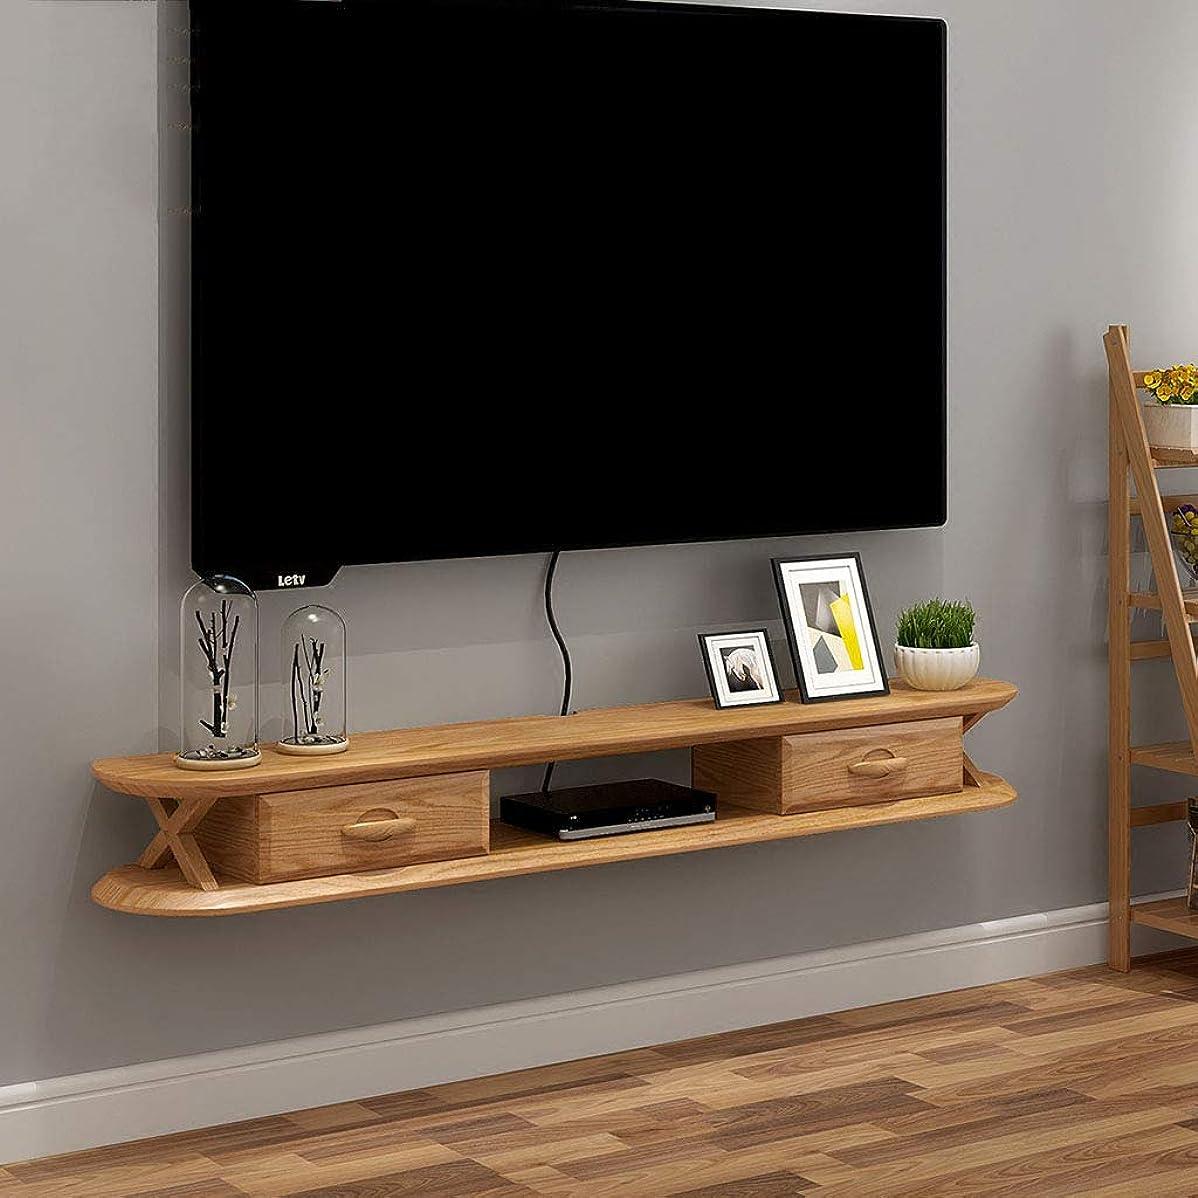 フライカイト肥満ラグFU HOME TVコンポーネント用フローティングシェルフウォールメディアコンソールTVスタンドシェルフDVD Blu-rayプレーヤー衛星放送TVボックスケーブルボックス (色 : Brown)